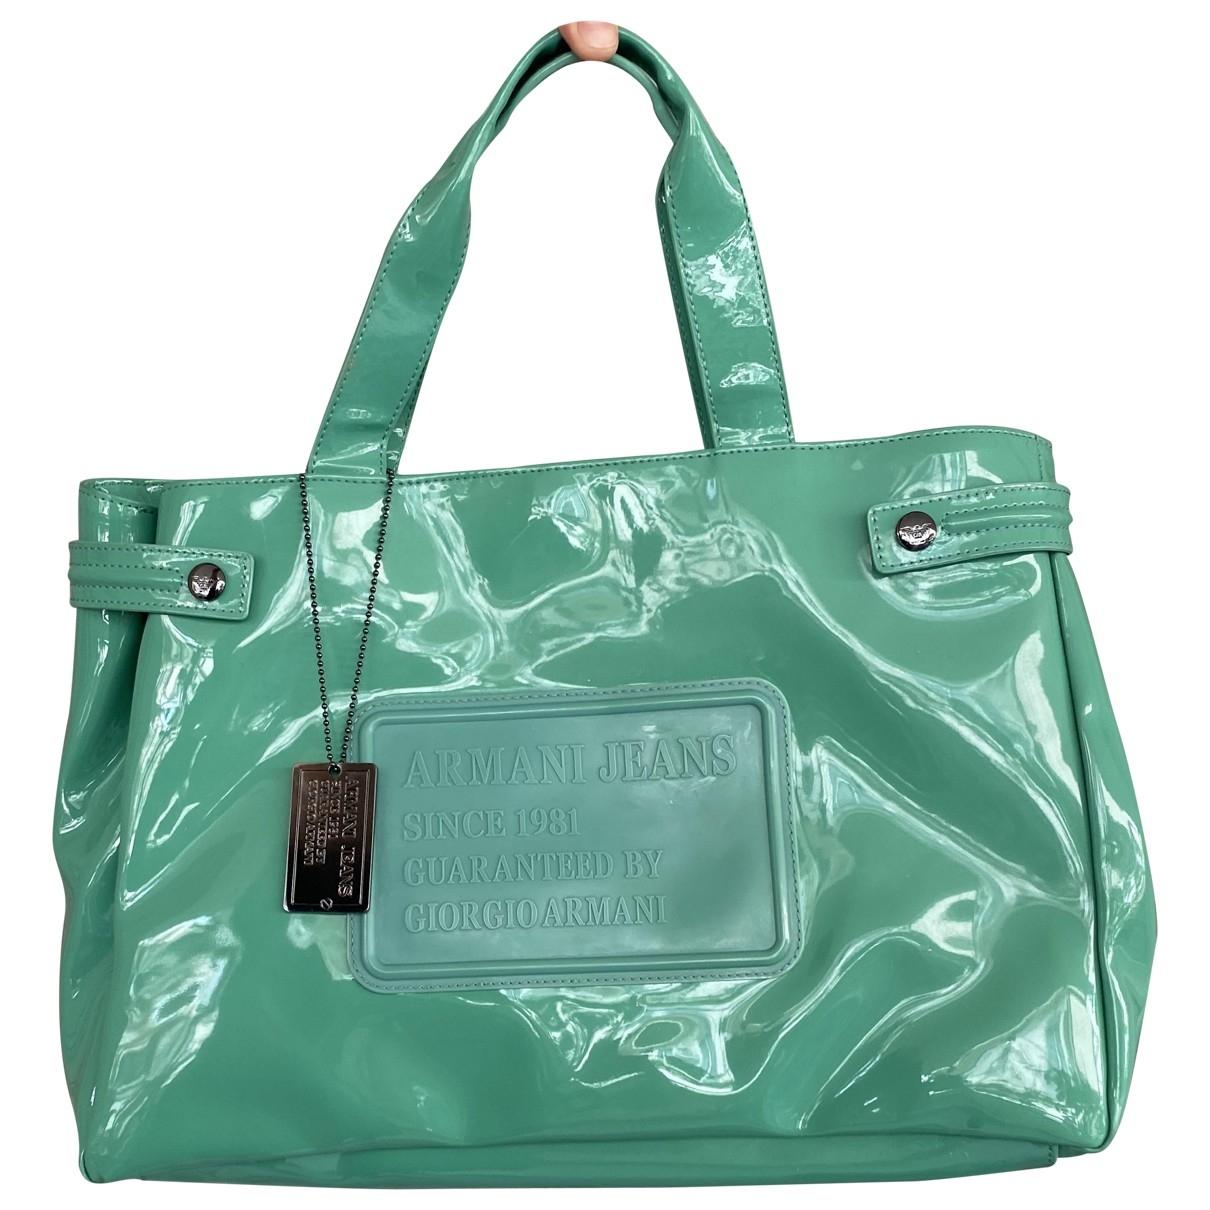 Armani Jeans \N Handtasche in  Gruen Kunststoff